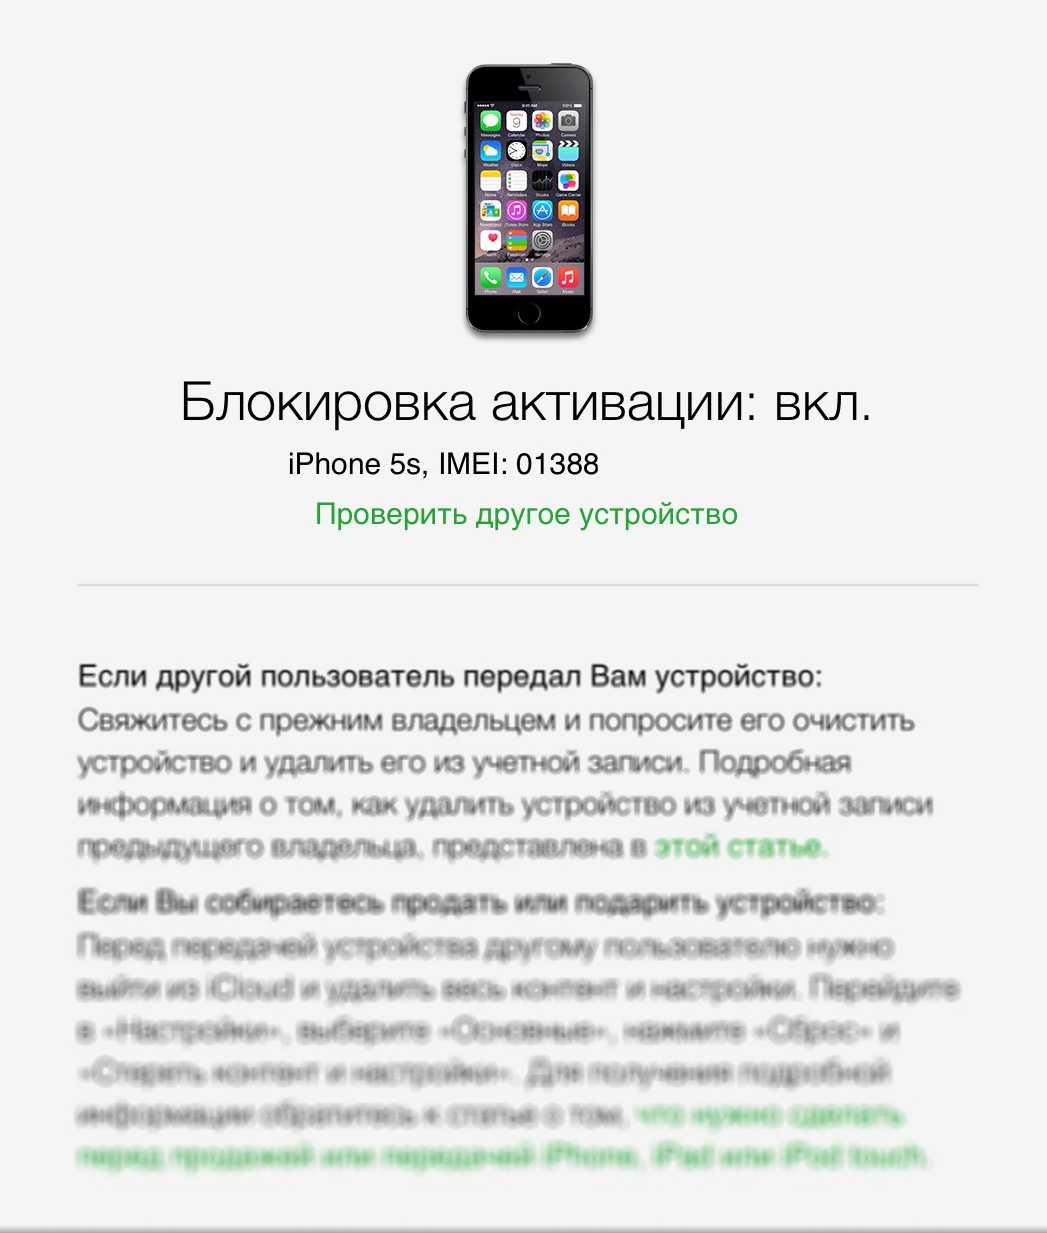 Apple заплатит миллион долларов за выявление уязвимостей в iphone.